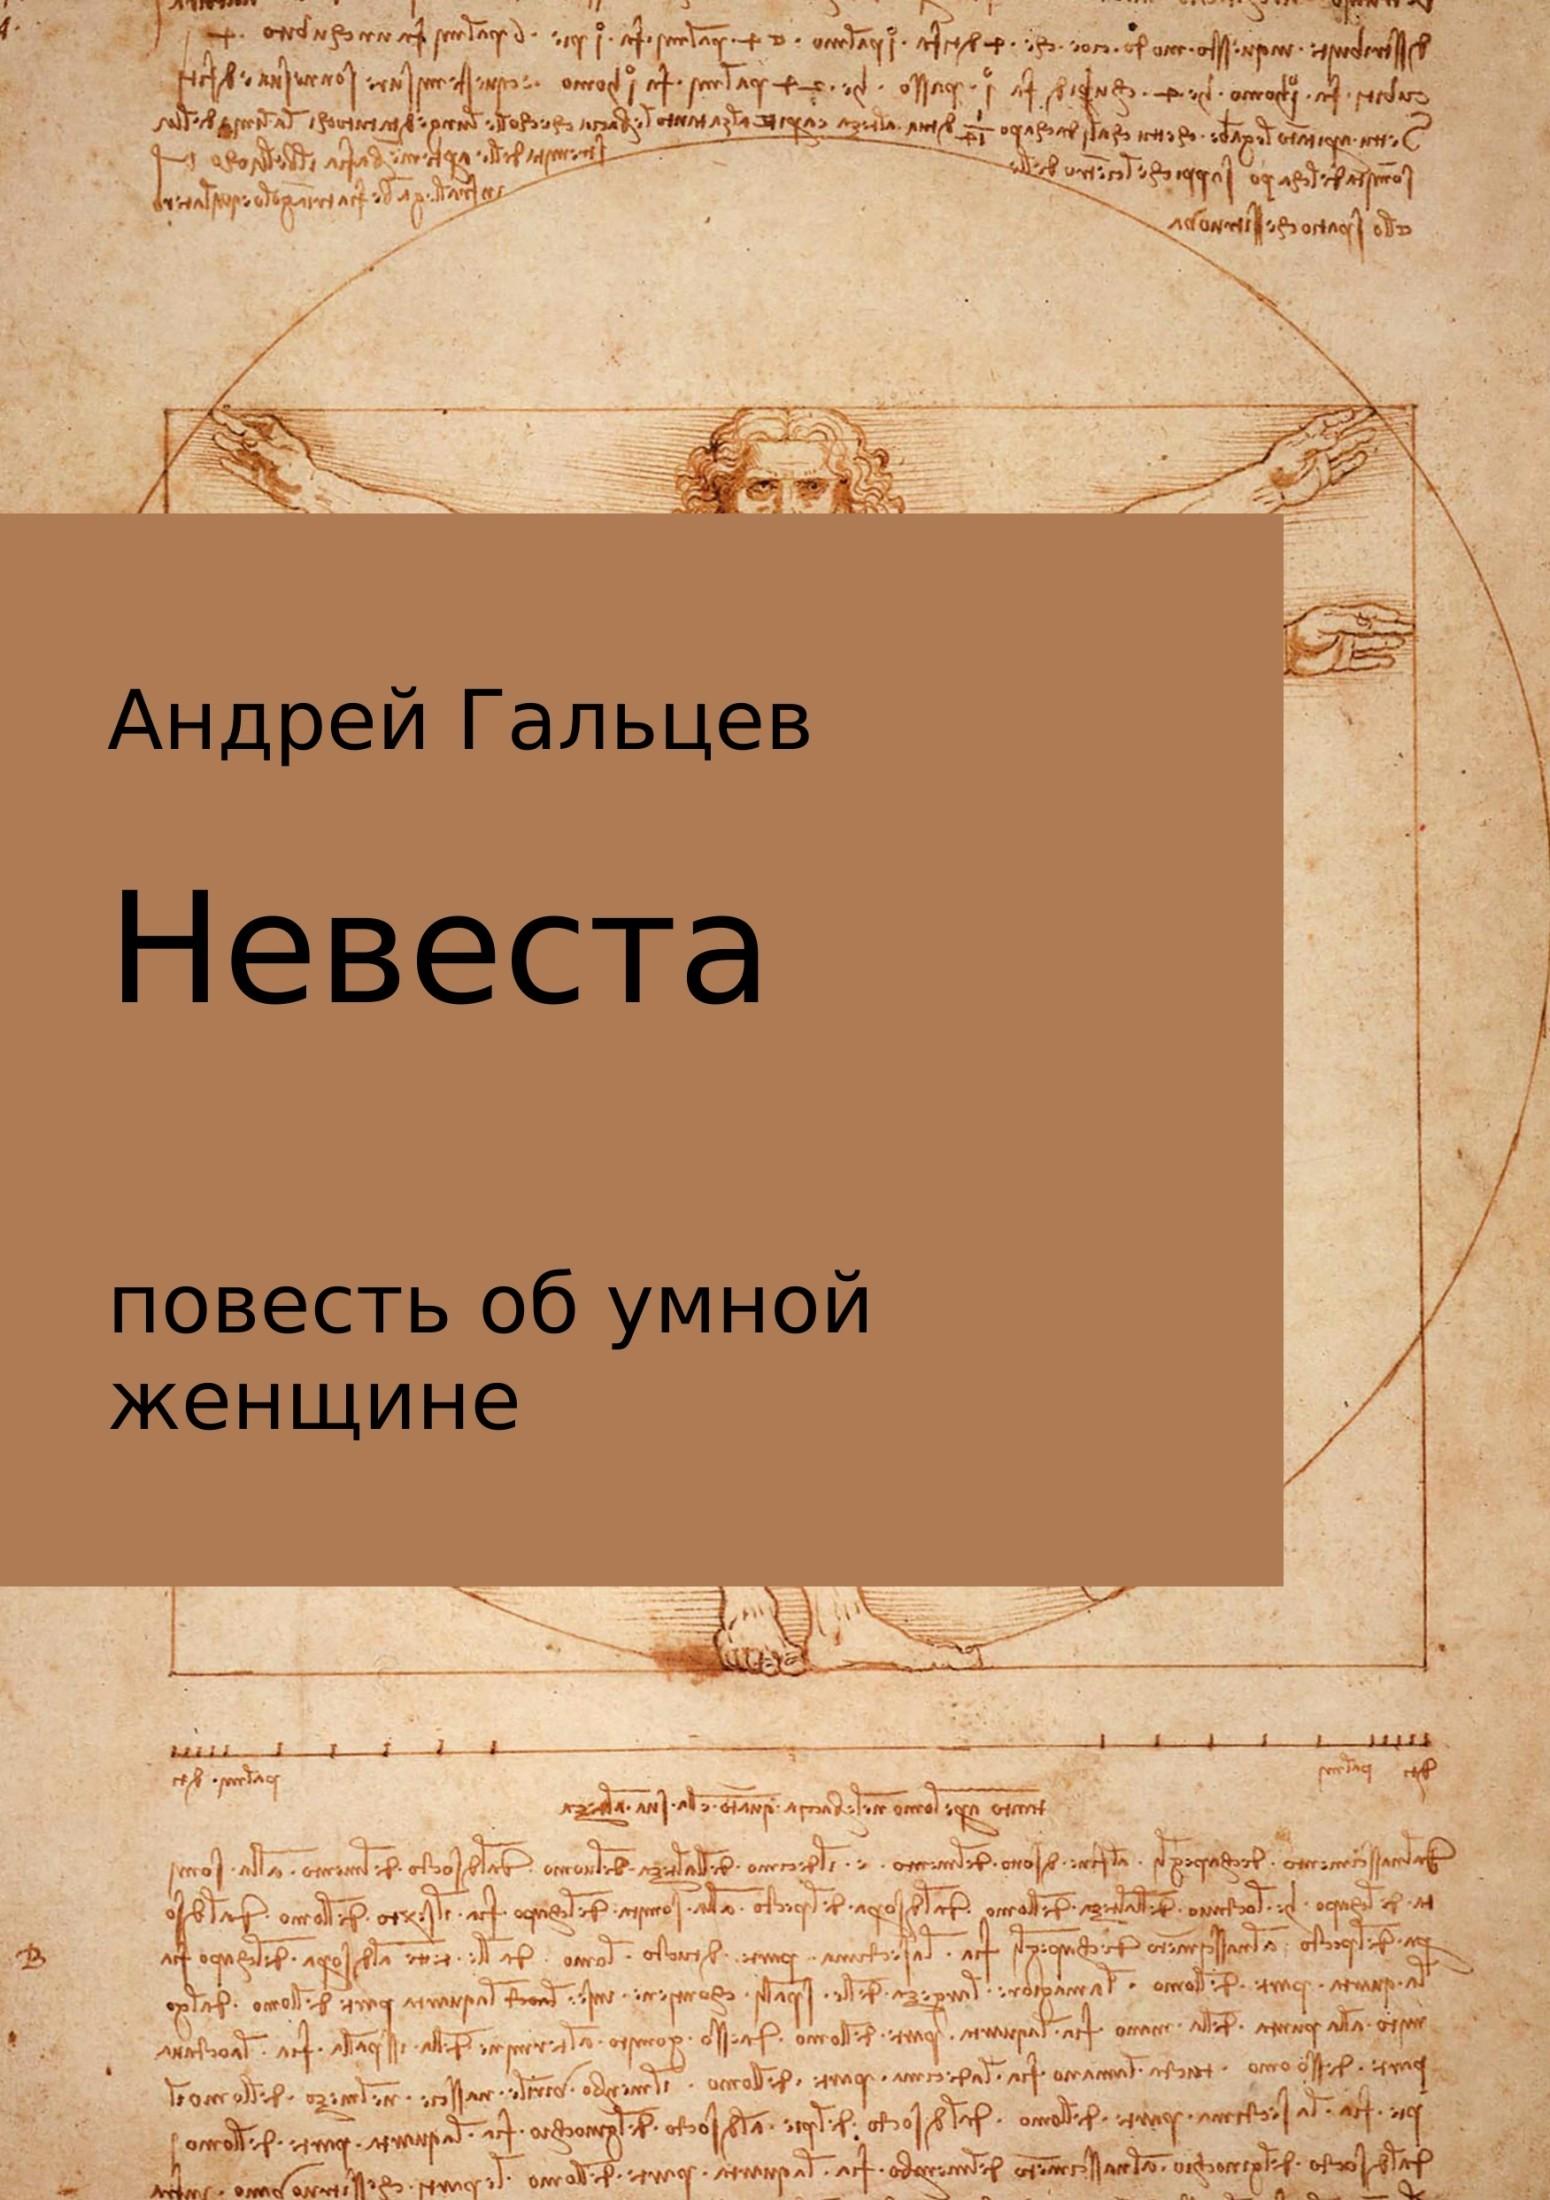 Андрей Феликсович Гальцев Невеста андрей углицких оковы тяжкие падут повесть